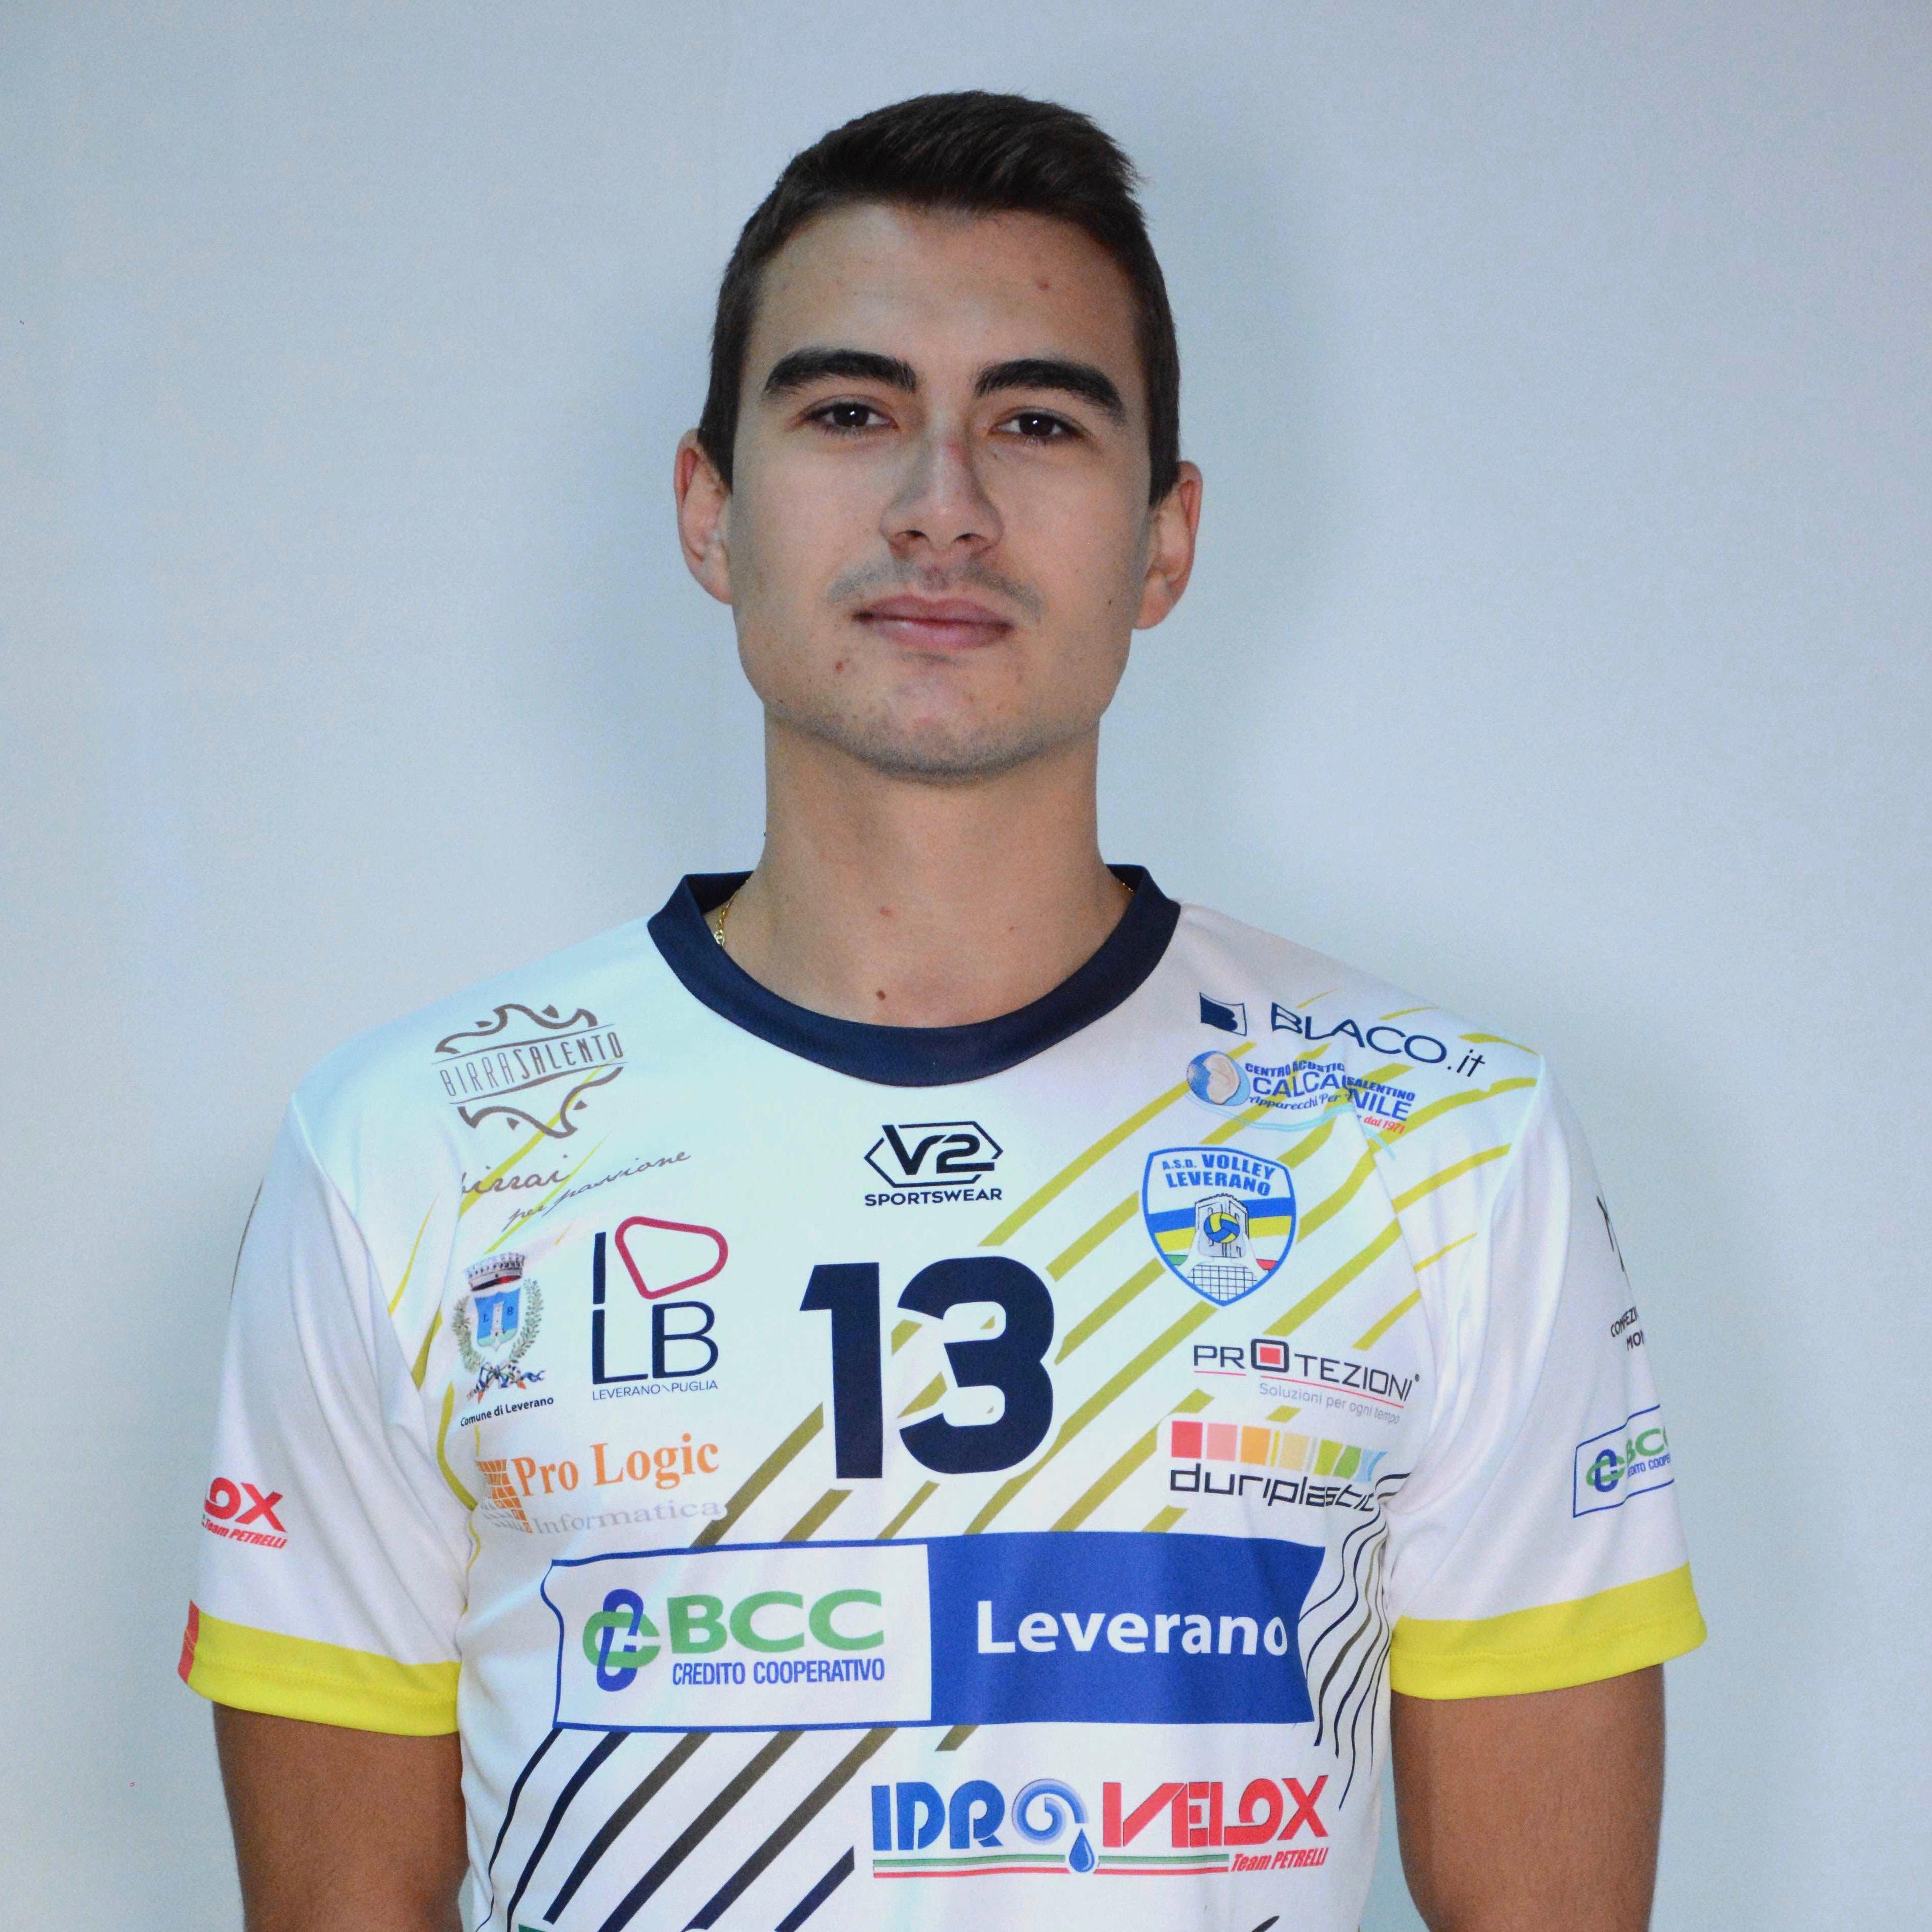 Andrej Ristic